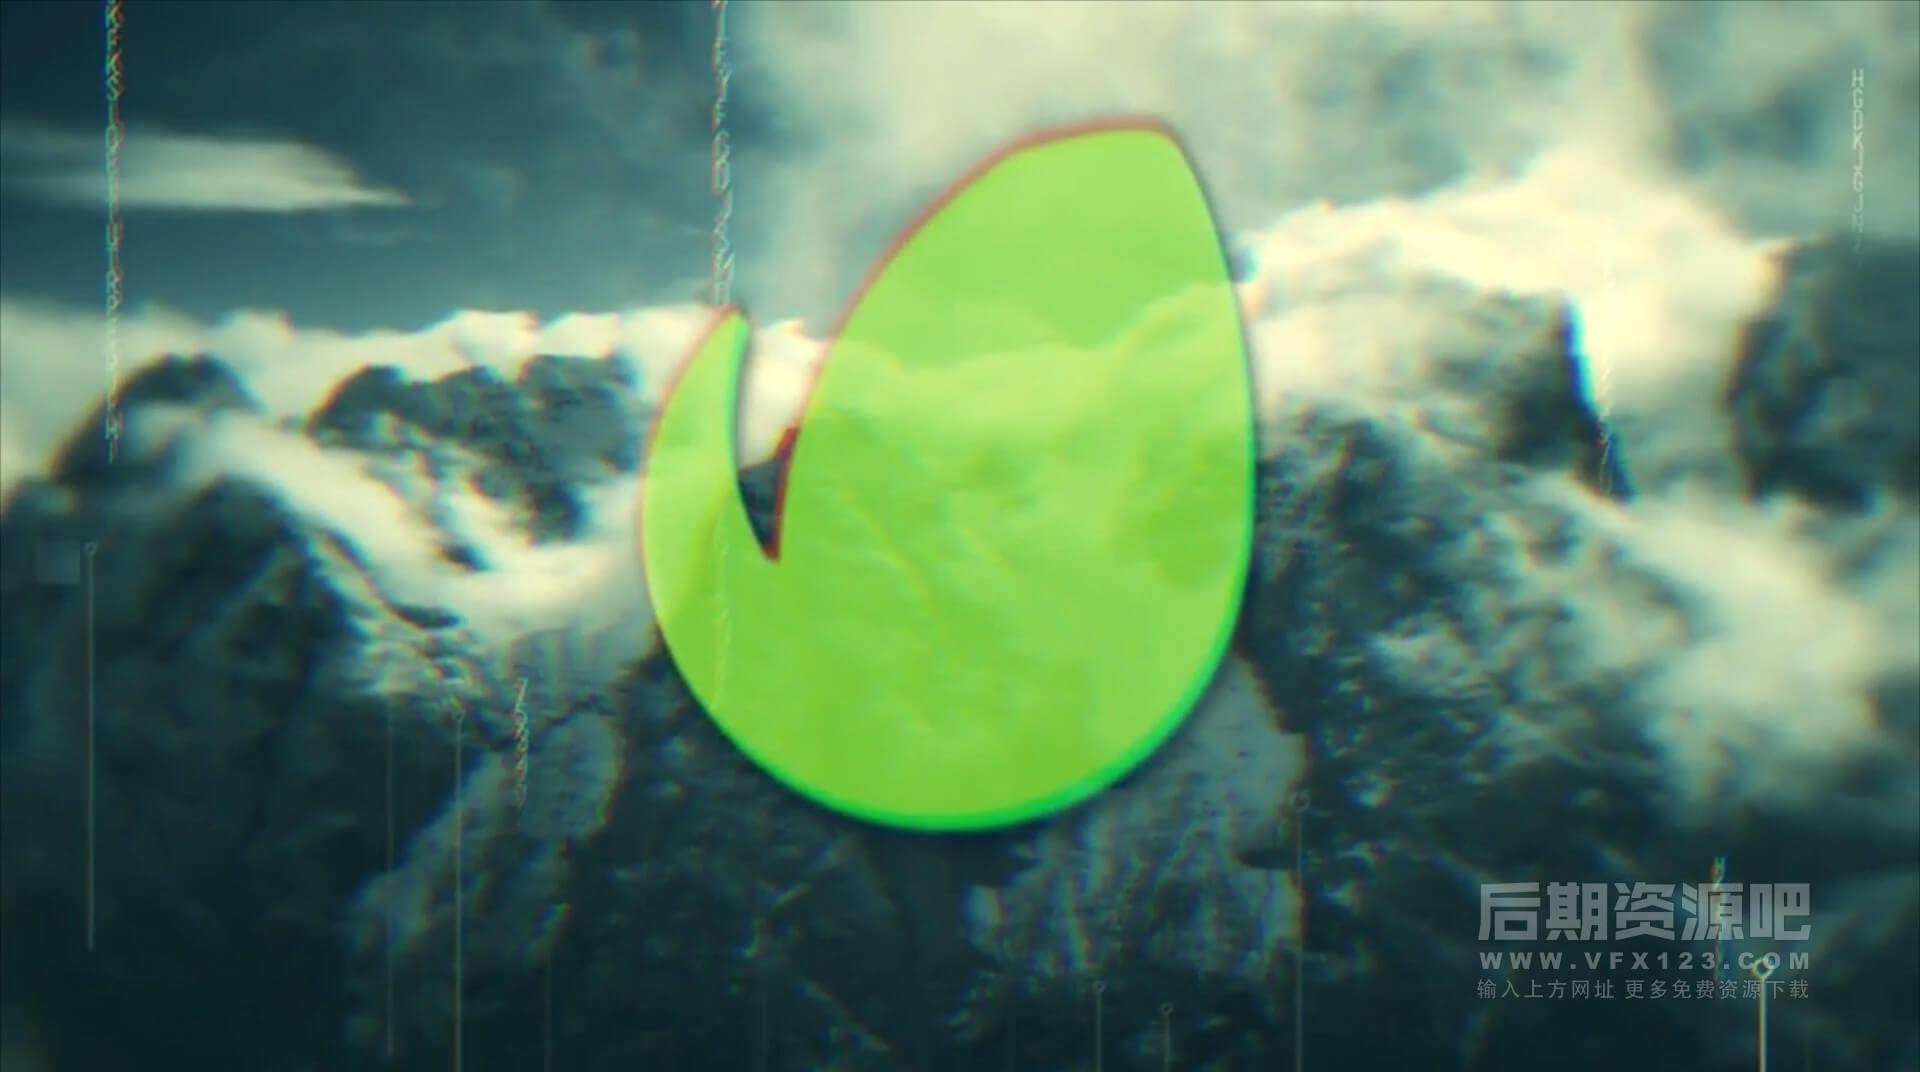 fcpx片头模板 干扰毛刺效果复古快闪风格预告片主题插件 Glitch Opener